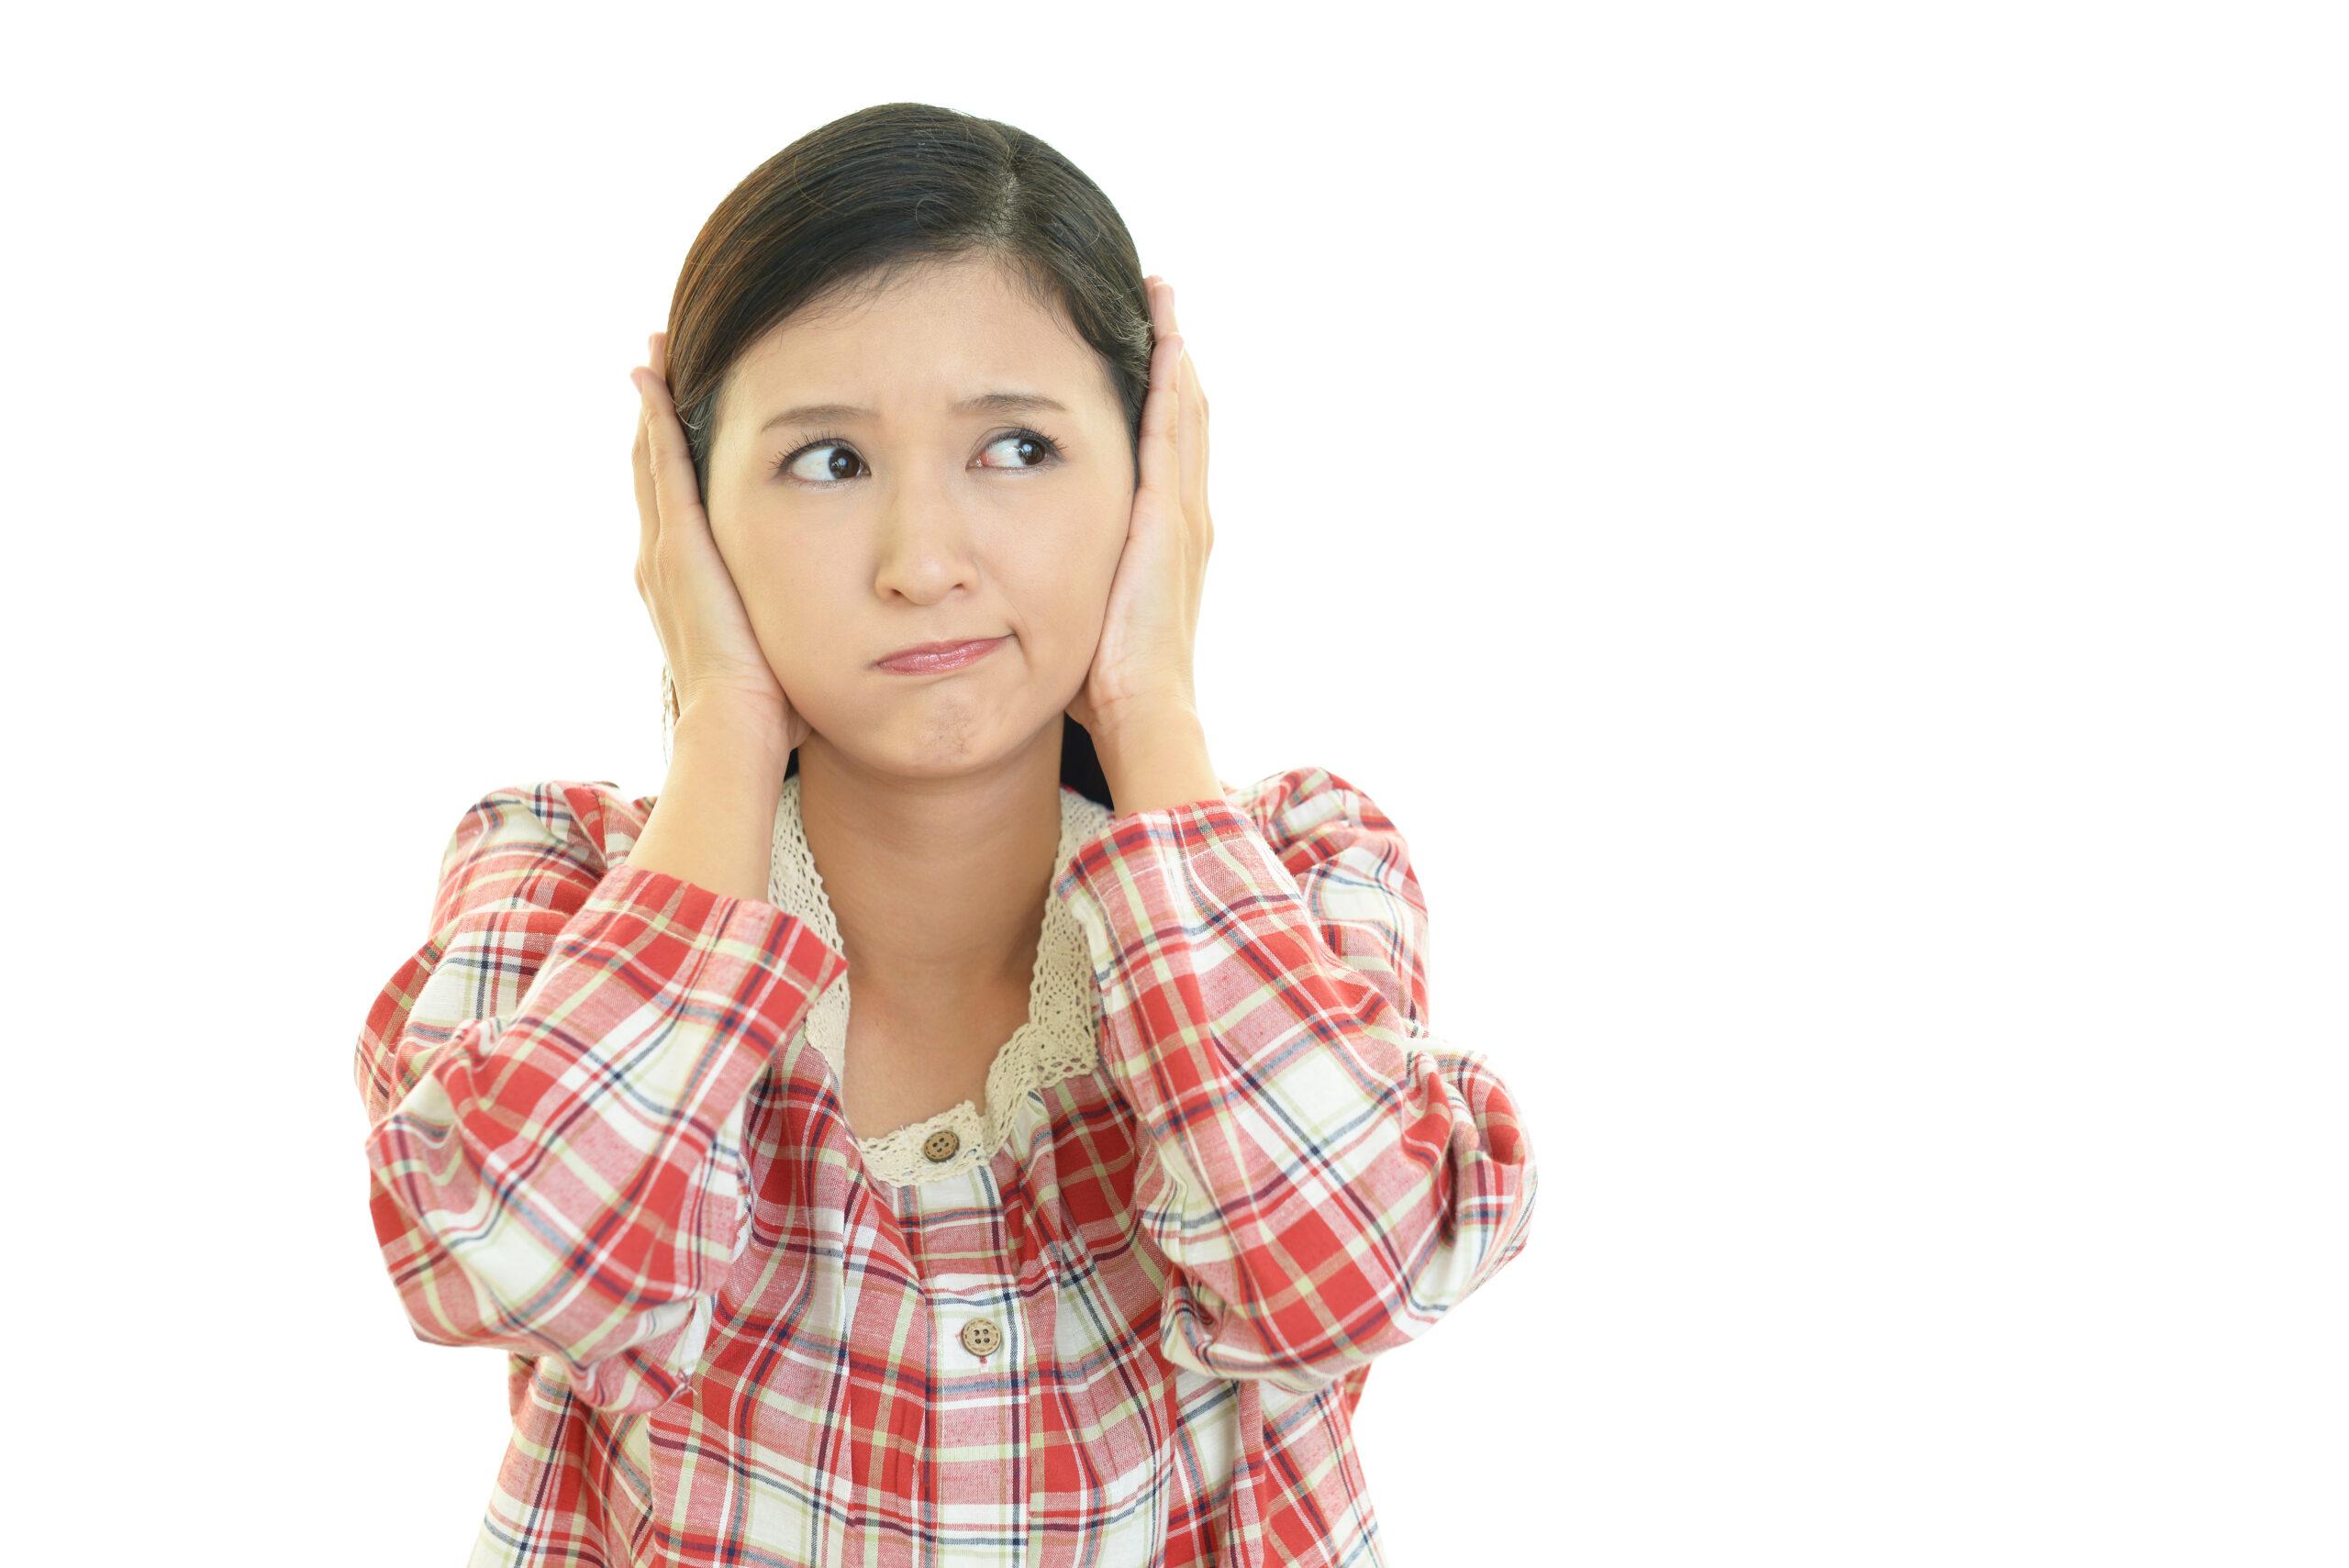 難聴に関するイメージ